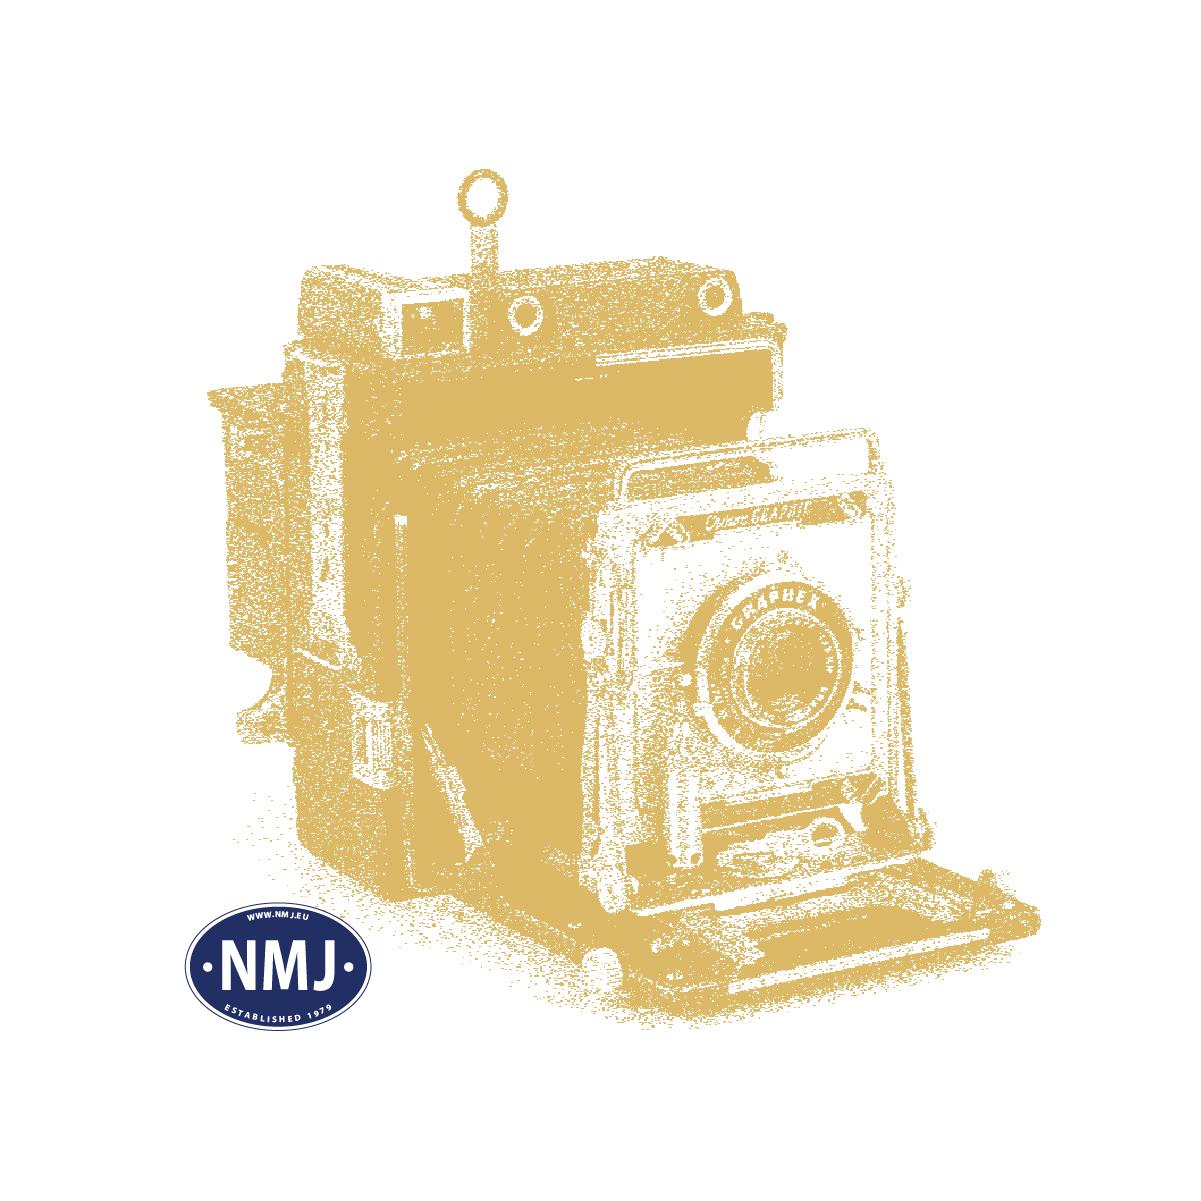 DK-8750074 - PBS Mx 1030, DCC m/ Sound